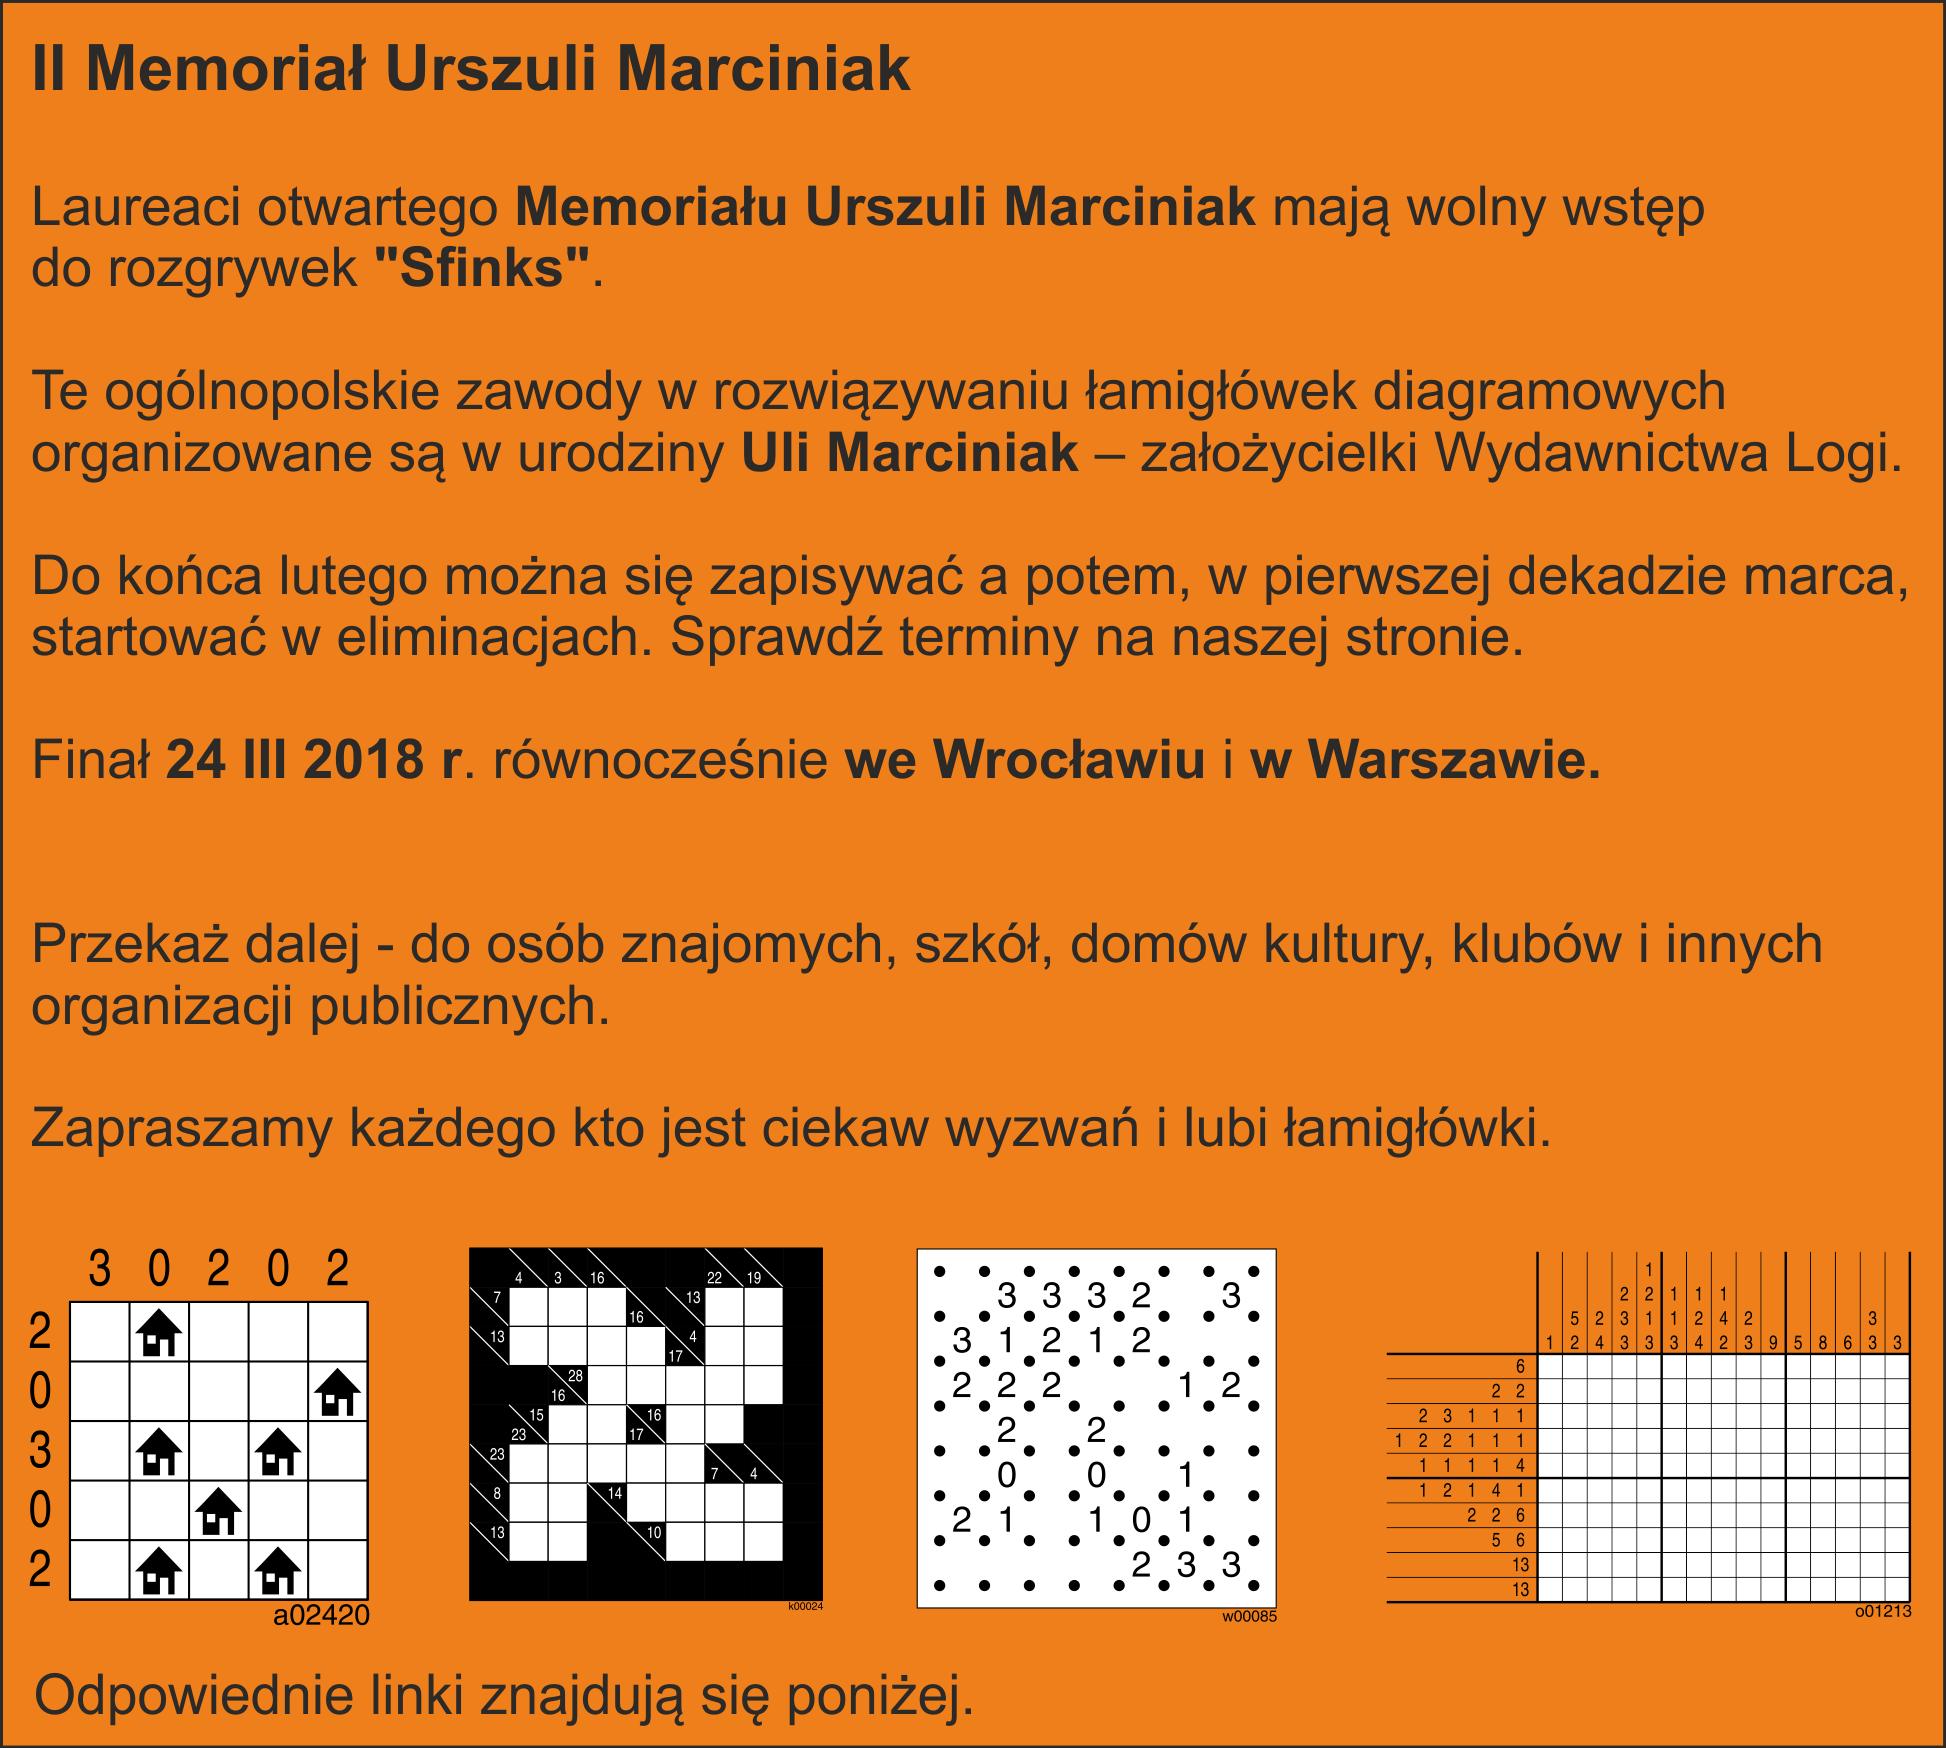 II Memoriał Urszuli Marciniak